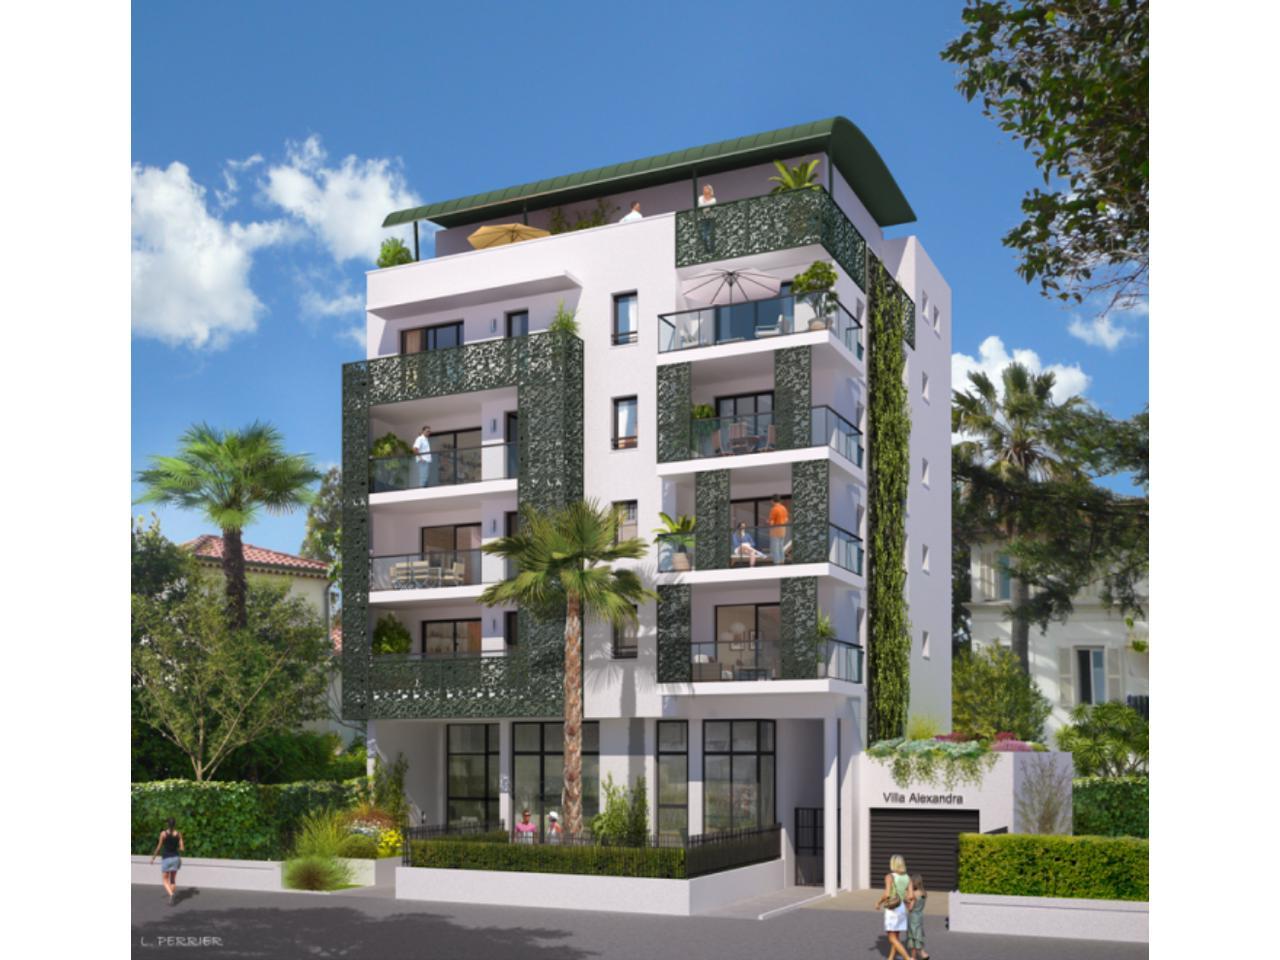 Acheter un appartement pour limiter ses dépenses